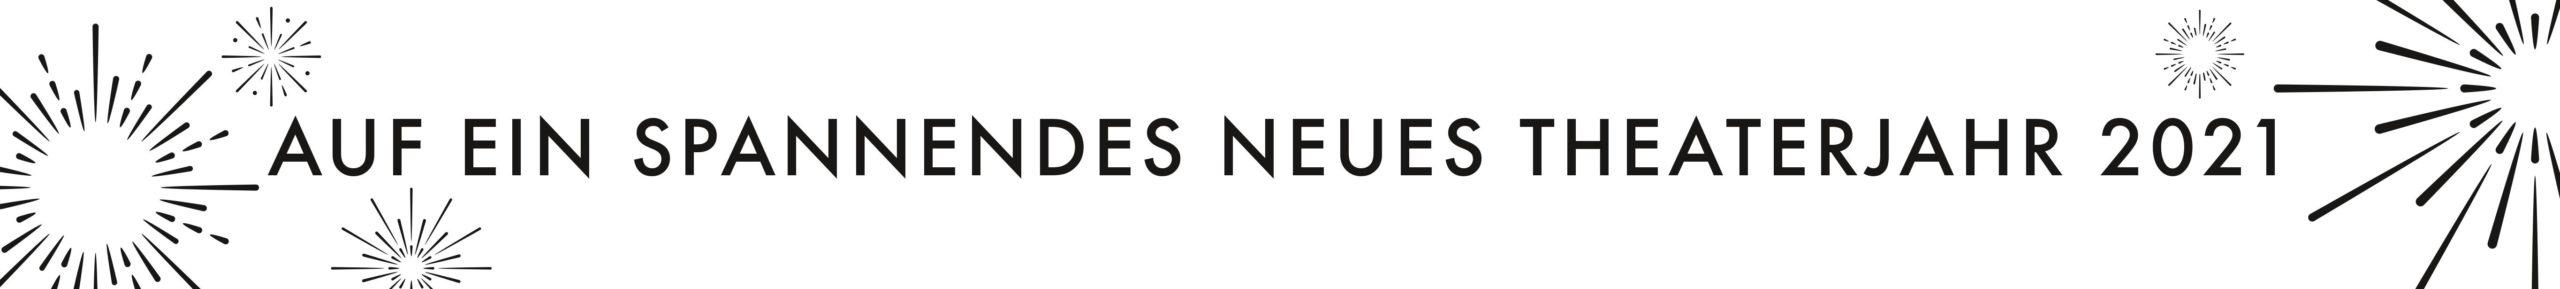 https://hamburger-kammerspiele.de/wp-content/uploads/2020/12/Banner_Jahreswechsel-scaled.jpg